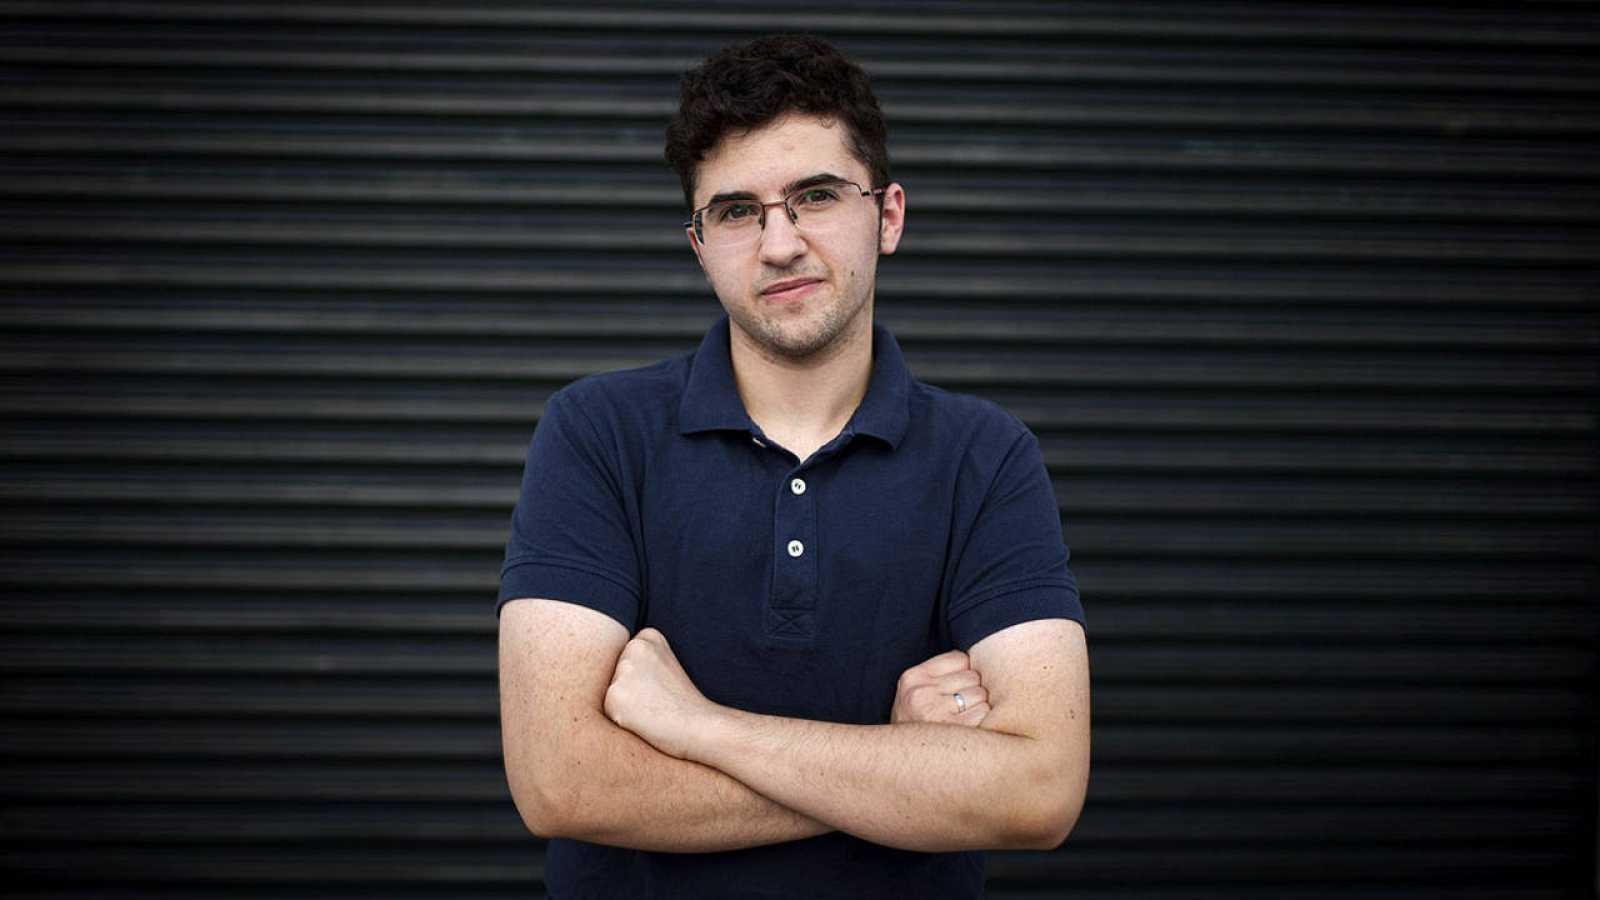 Álex Salinas, el joven transexual al que la Iglesia no ha permitido ser padrino de bautizo de su sobrino.